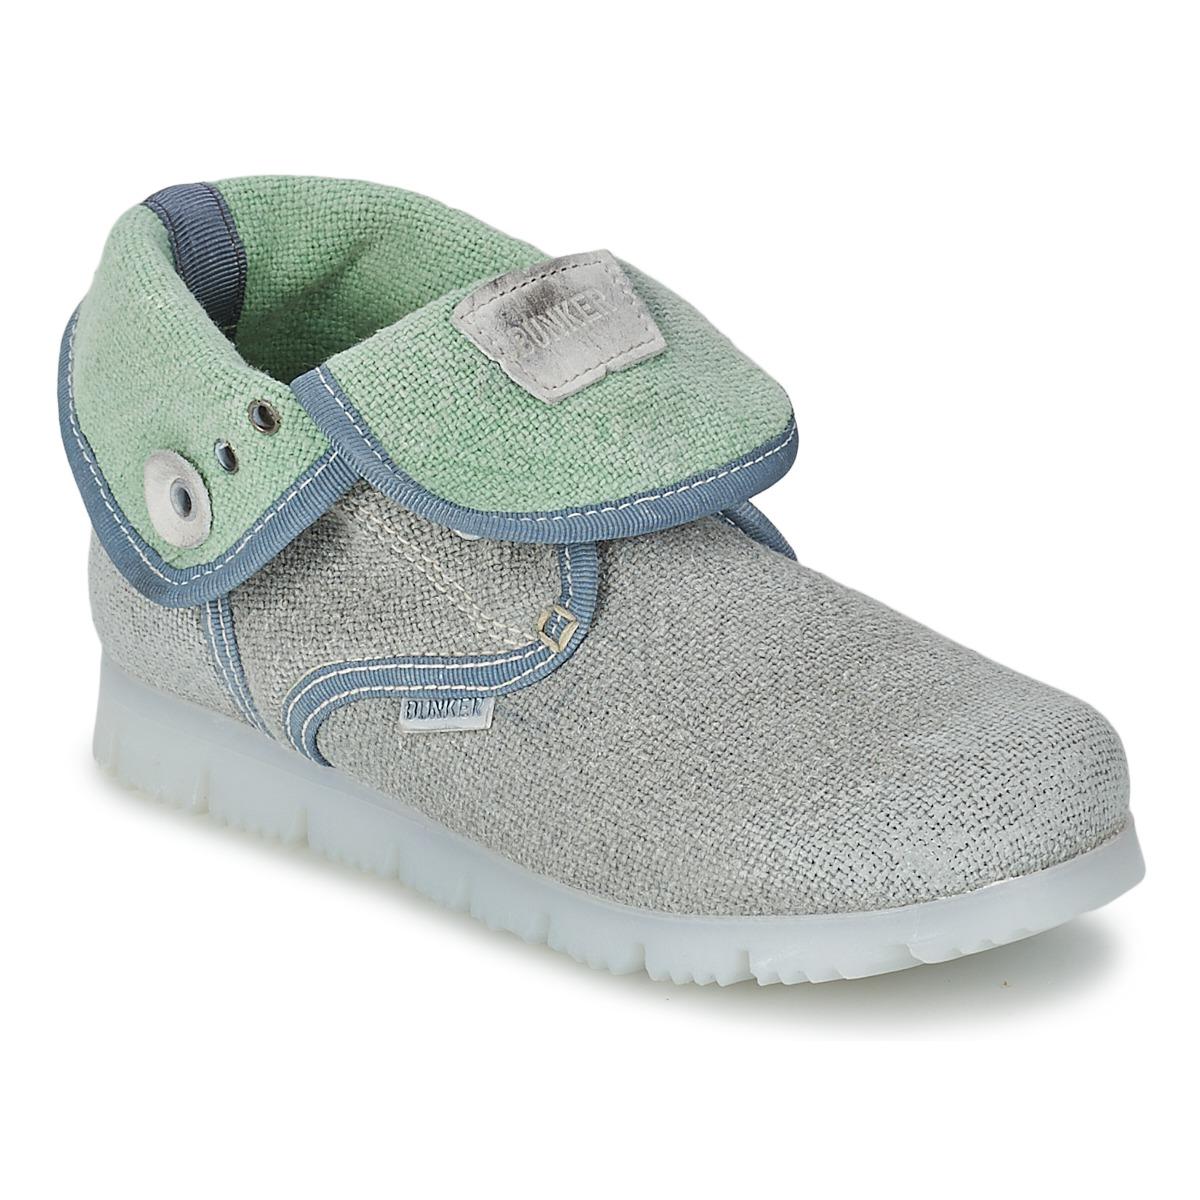 Støvler til børn Bunker  LAST WALK